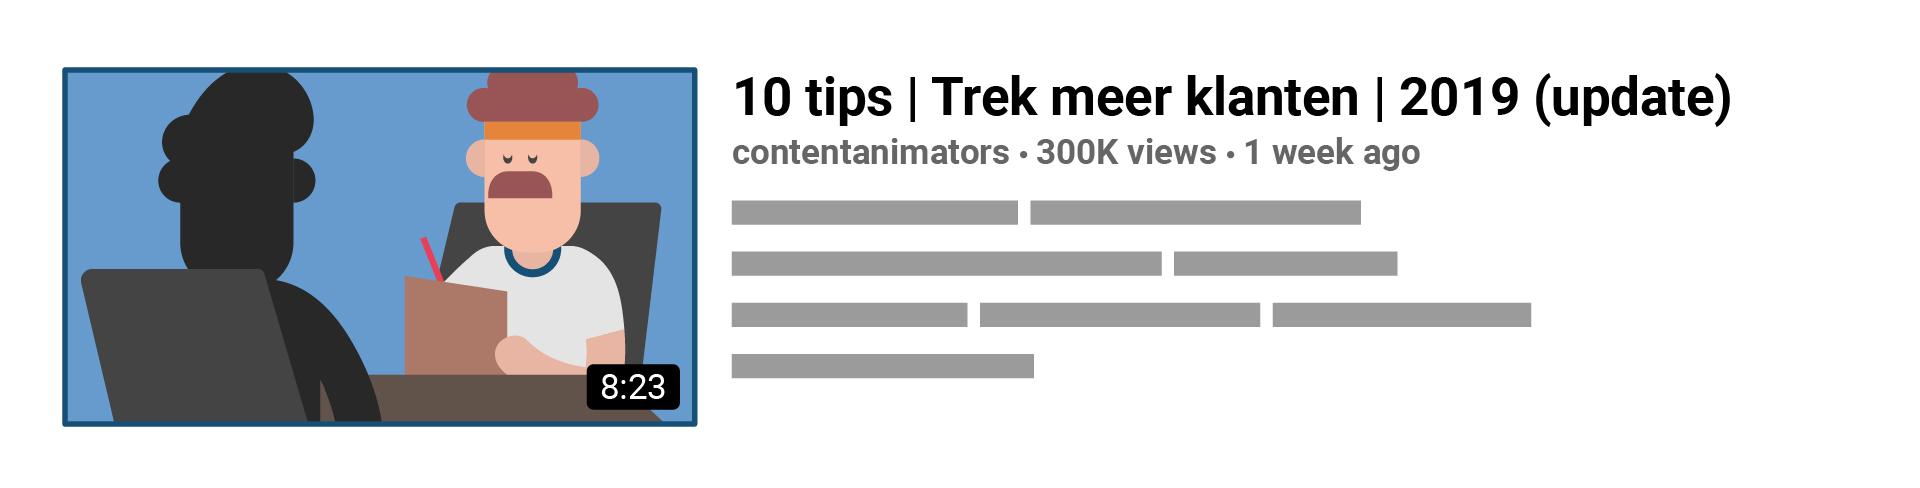 De titel van een video lokt de kijker erop te klikken. Hoe overzichtelijker en makkelijker te scannen, hoe meer views je zult krijgen.